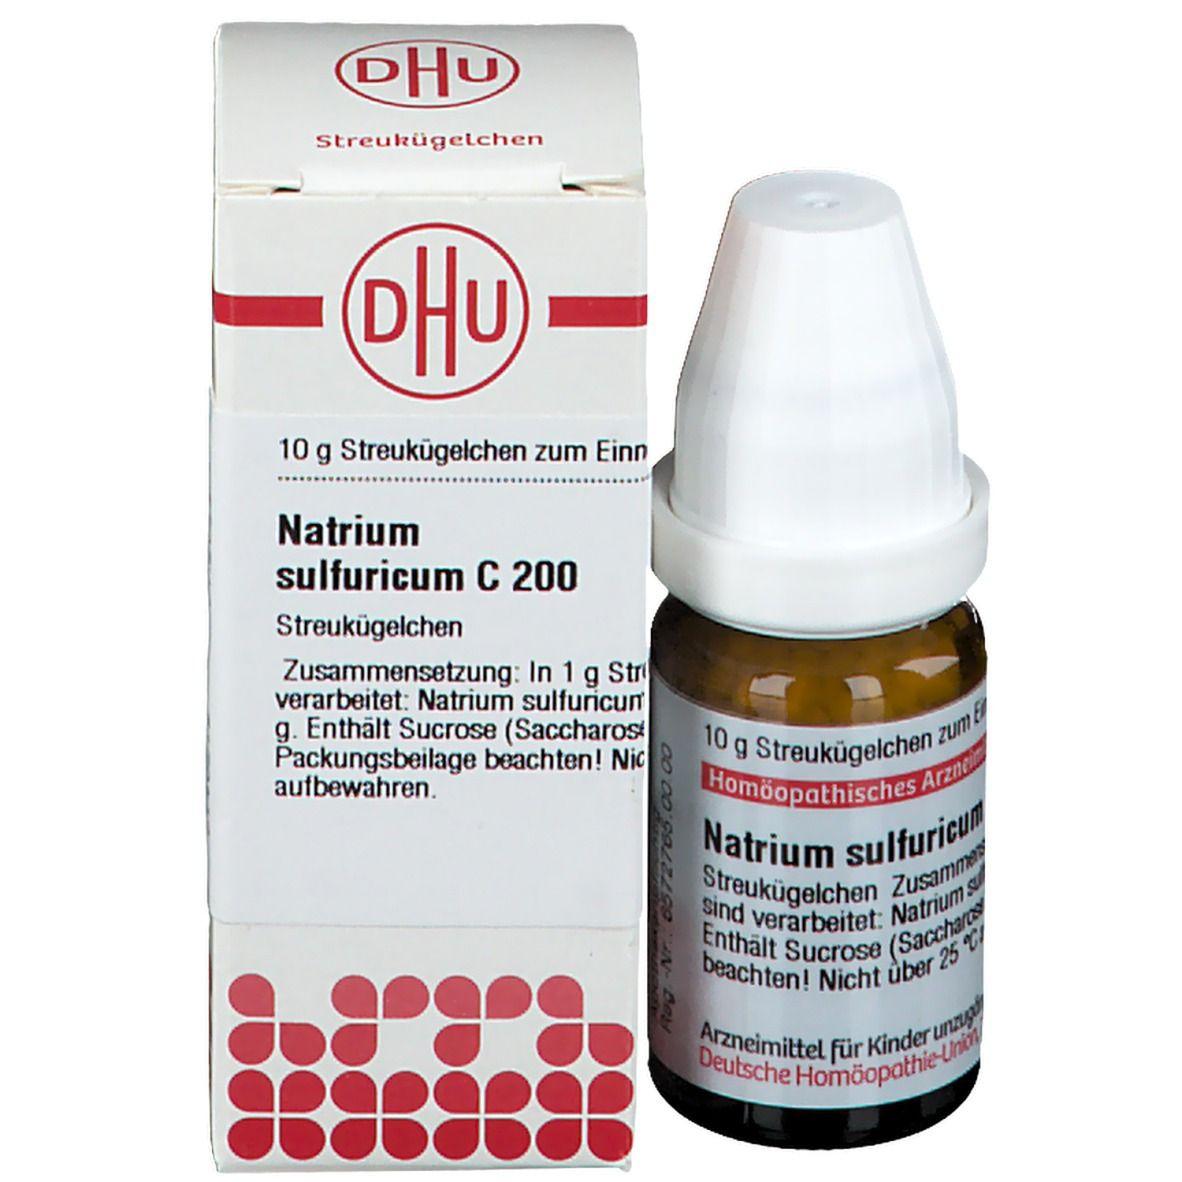 DHU Natrium Sulfuricum C200